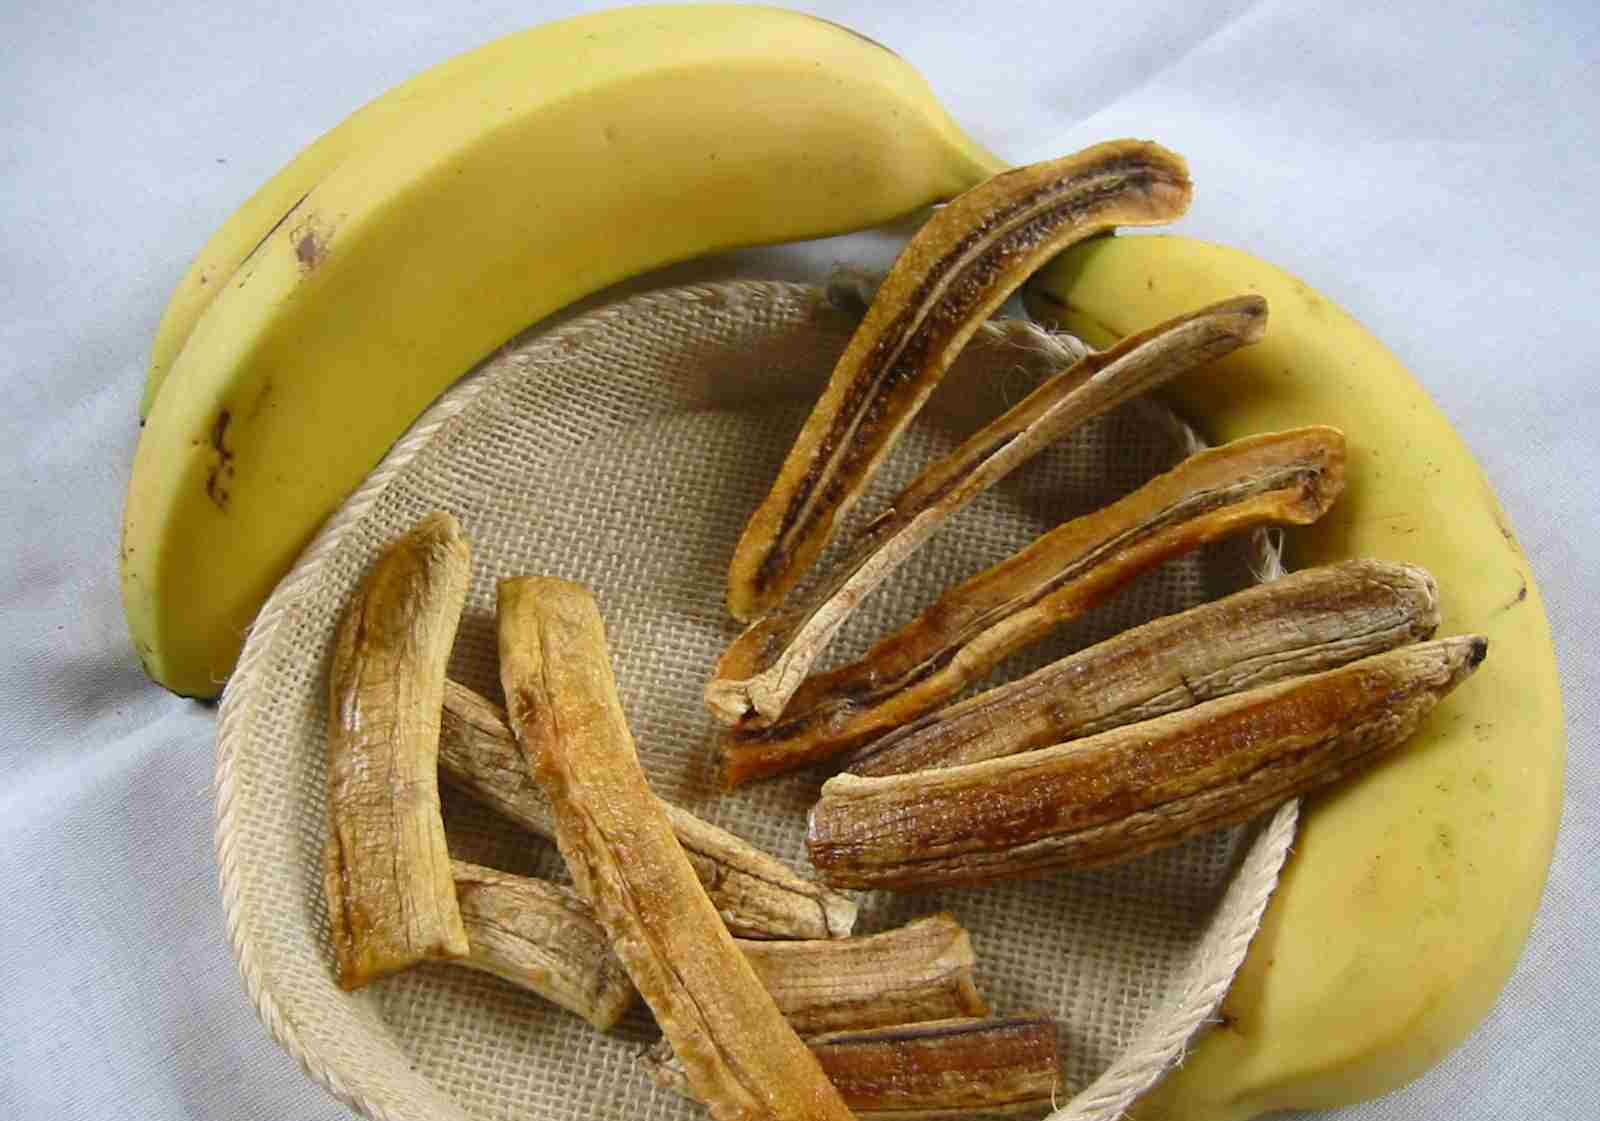 Бананы для похудения — не слишком ли калорийные и сладкие? выясняем правду и развенчиваем мифы